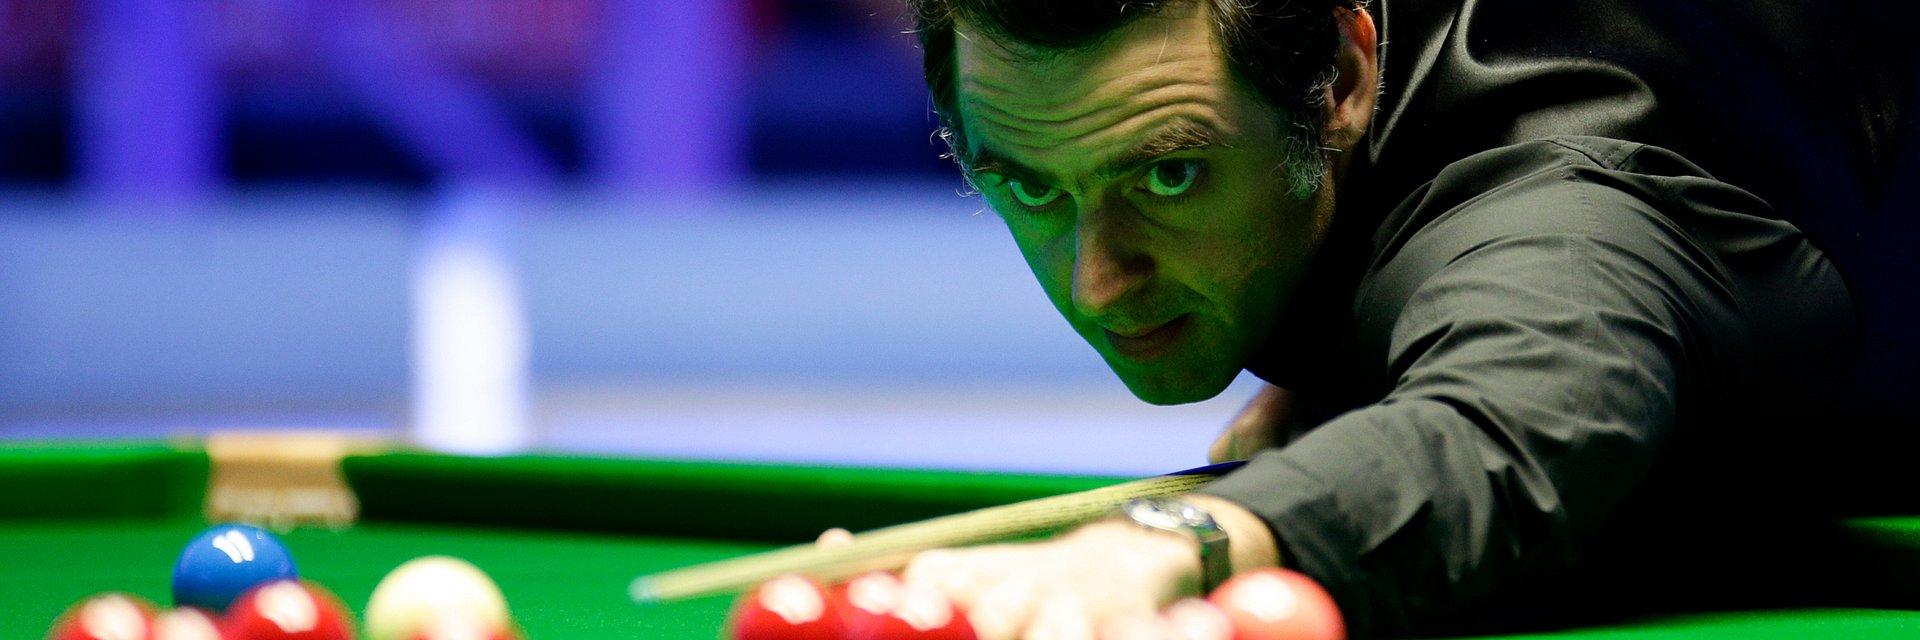 Mistrzostwa świata w snookerze od 20 kwietnia na żywo tylko w Eurosporcie 1 i Eurosport Playerze!